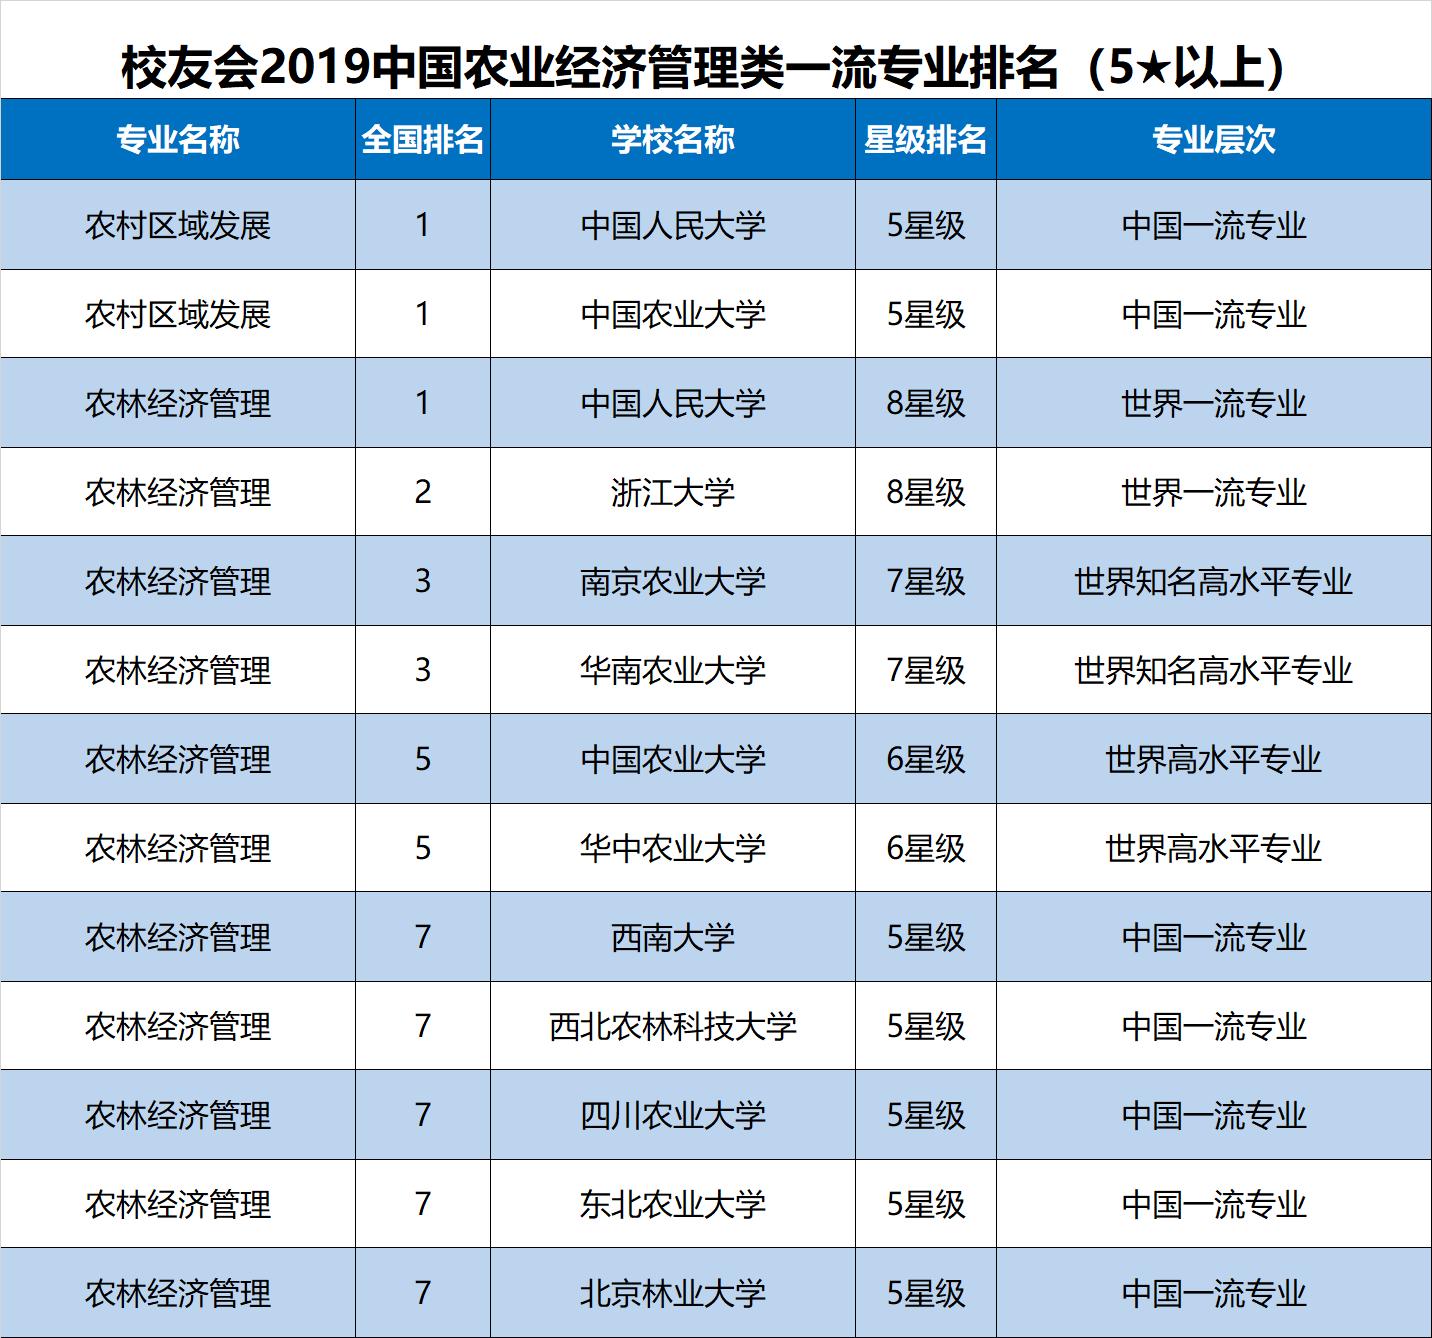 2019年高校专业排行_2018年大学毕业生薪酬排行榜, 看看你的母校排在第几